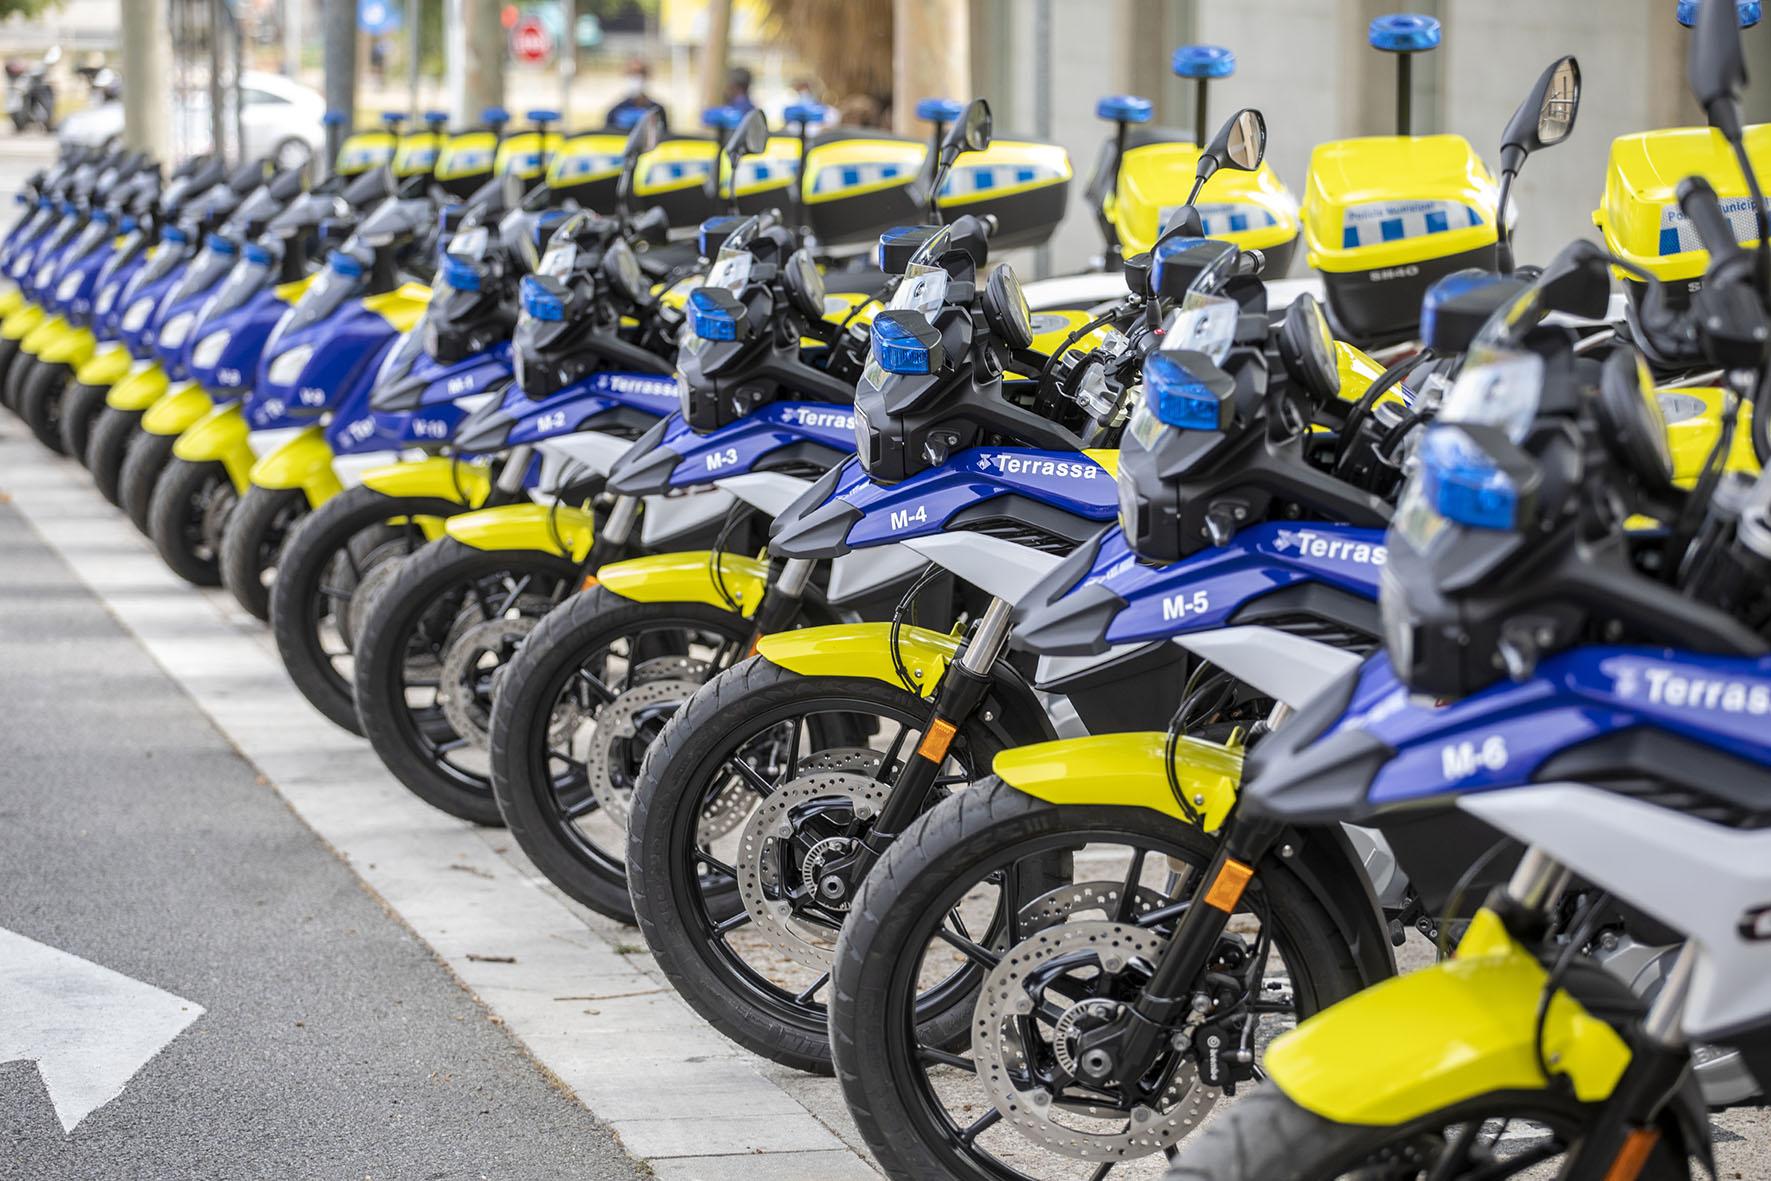 La Policia incorpora 10 escúters elèctrics, 6 motos de gran cilindrada i una furgoneta híbrida d'atestats